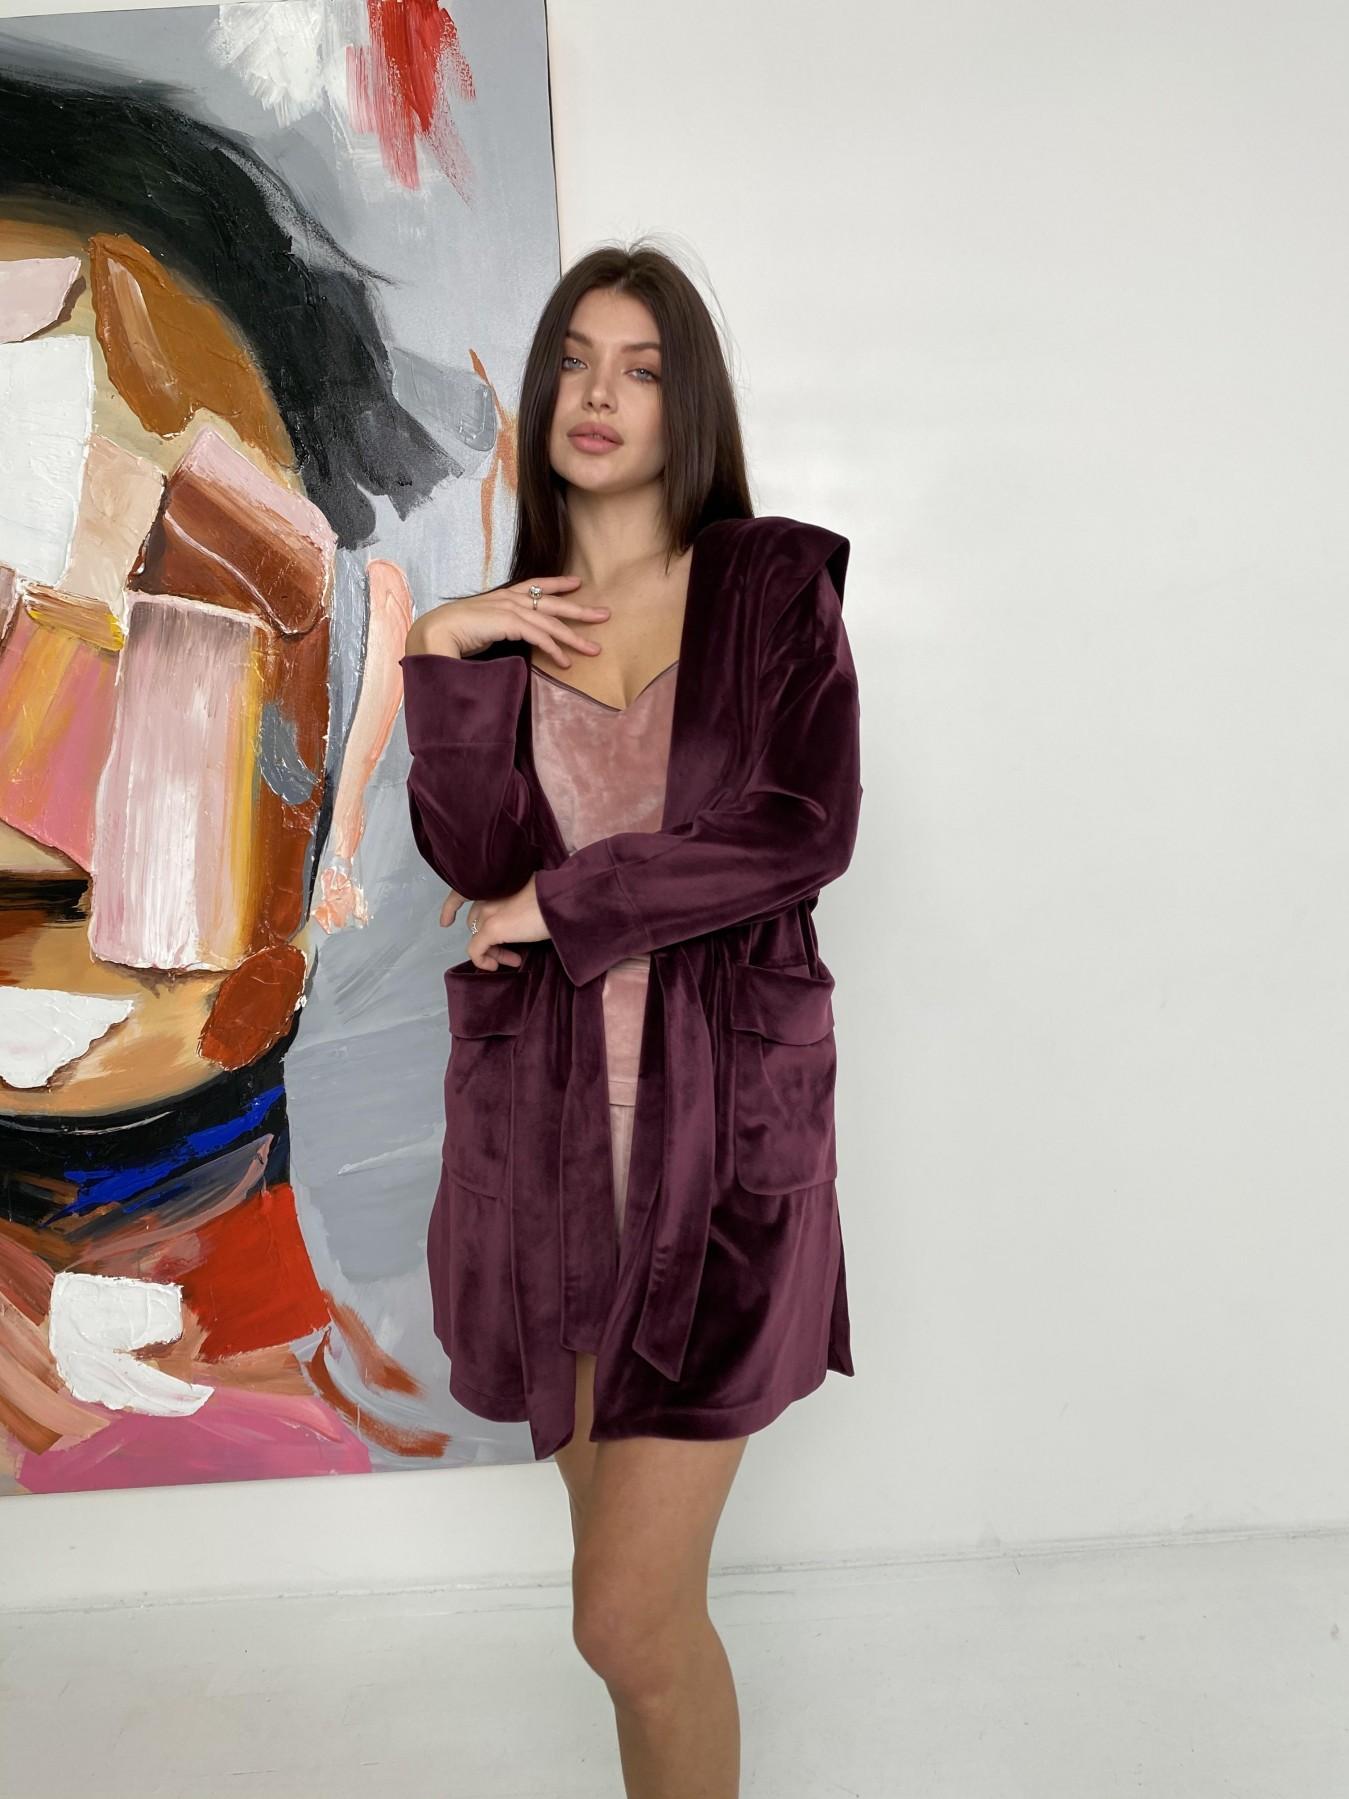 Фабьен халат из  велюровой ткани  10483 АРТ. 46840 Цвет: Марсала - фото 7, интернет магазин tm-modus.ru